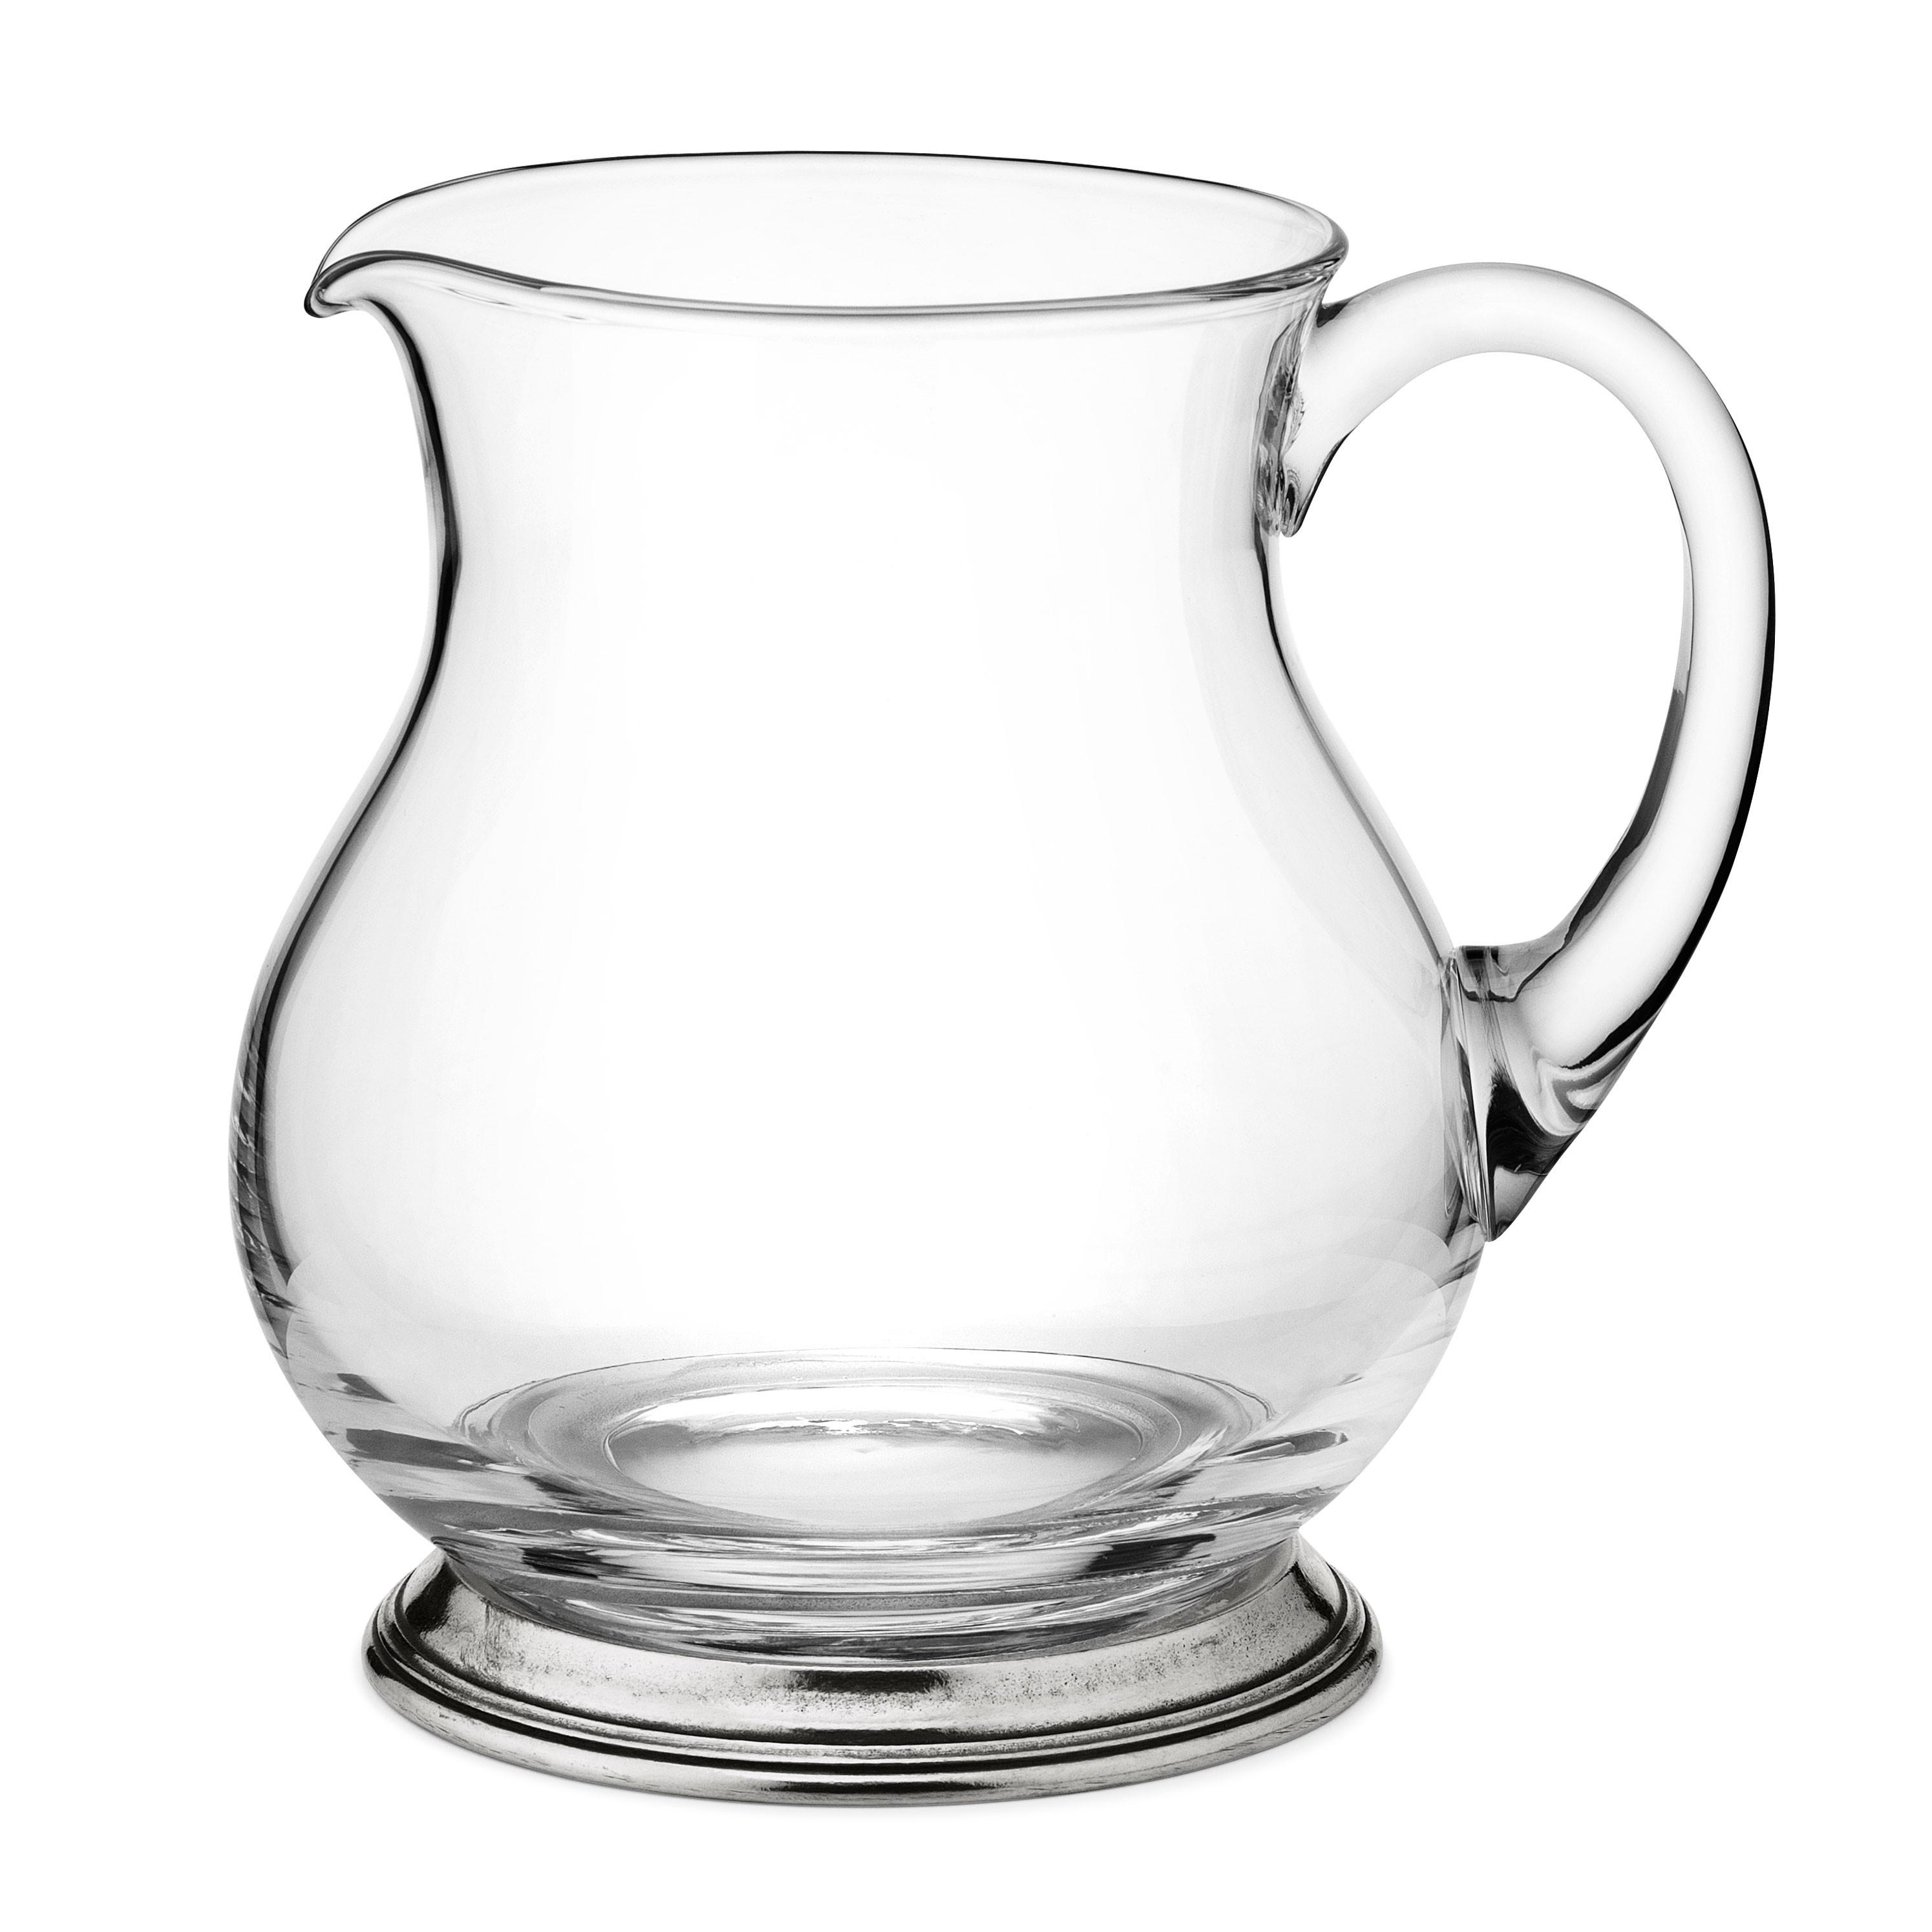 brocca per acqua in peltro e vetro h 18 5 cm 1 5 lt